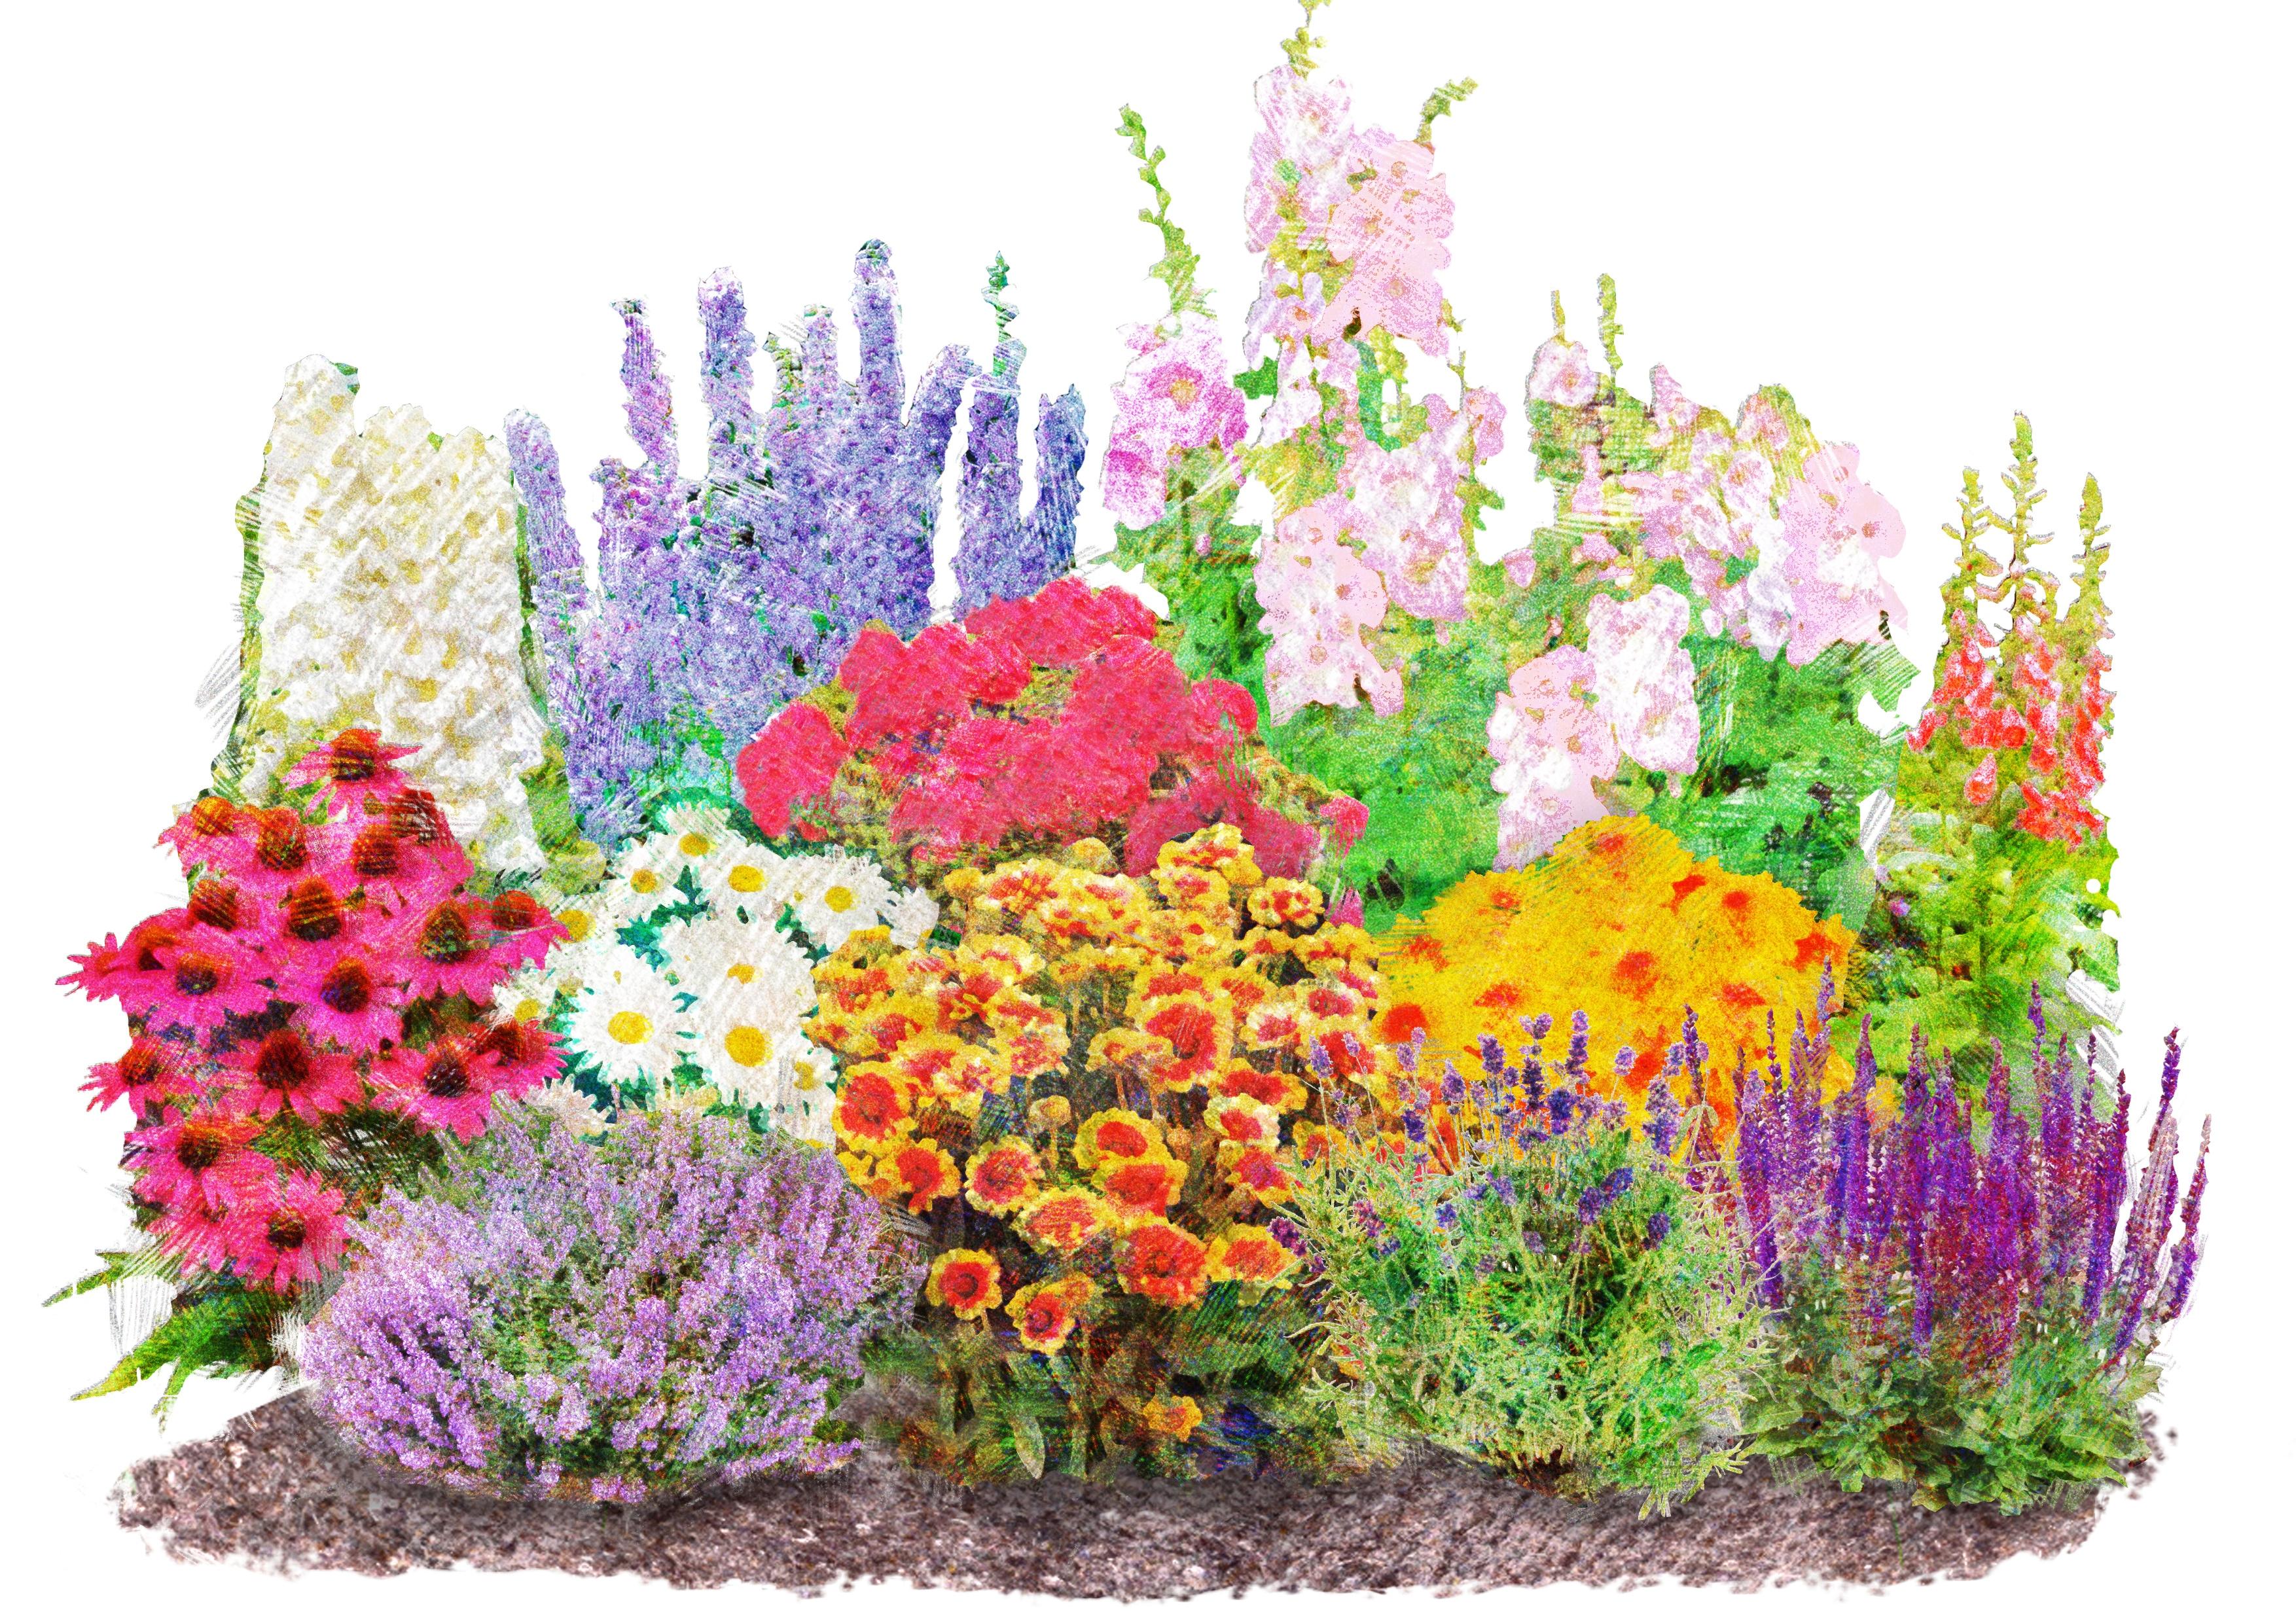 BCM Beetpflanze Landhausgarten, (Set), 12 Pflanzen bunt Beetpflanzen Garten Balkon